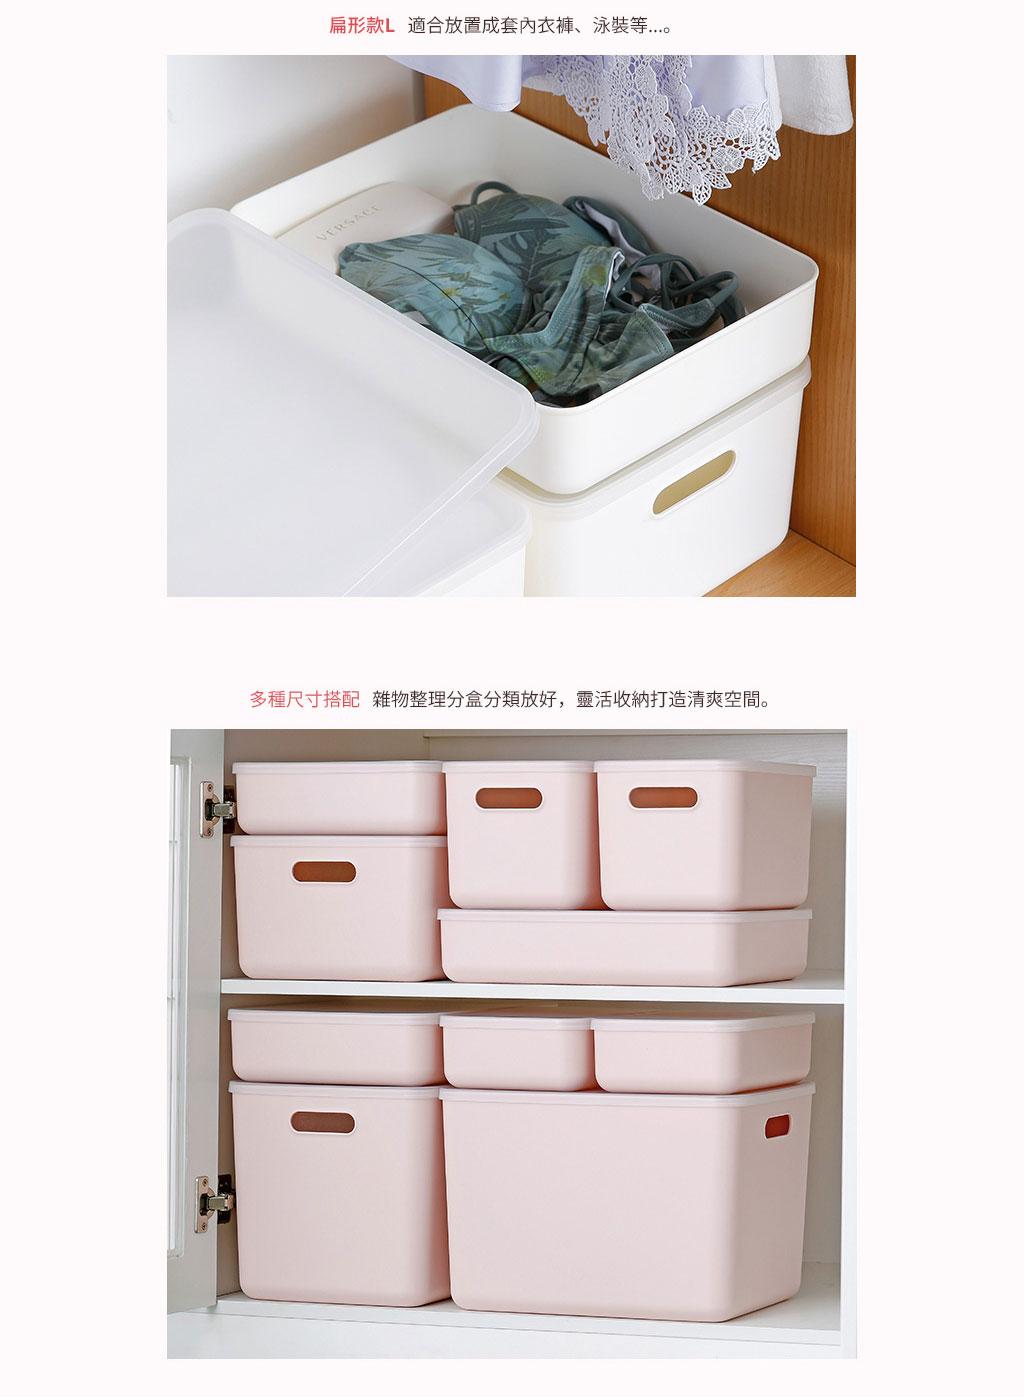 日本霜山 無印風霧面附蓋扁形收納盒S (櫻花粉) 3入